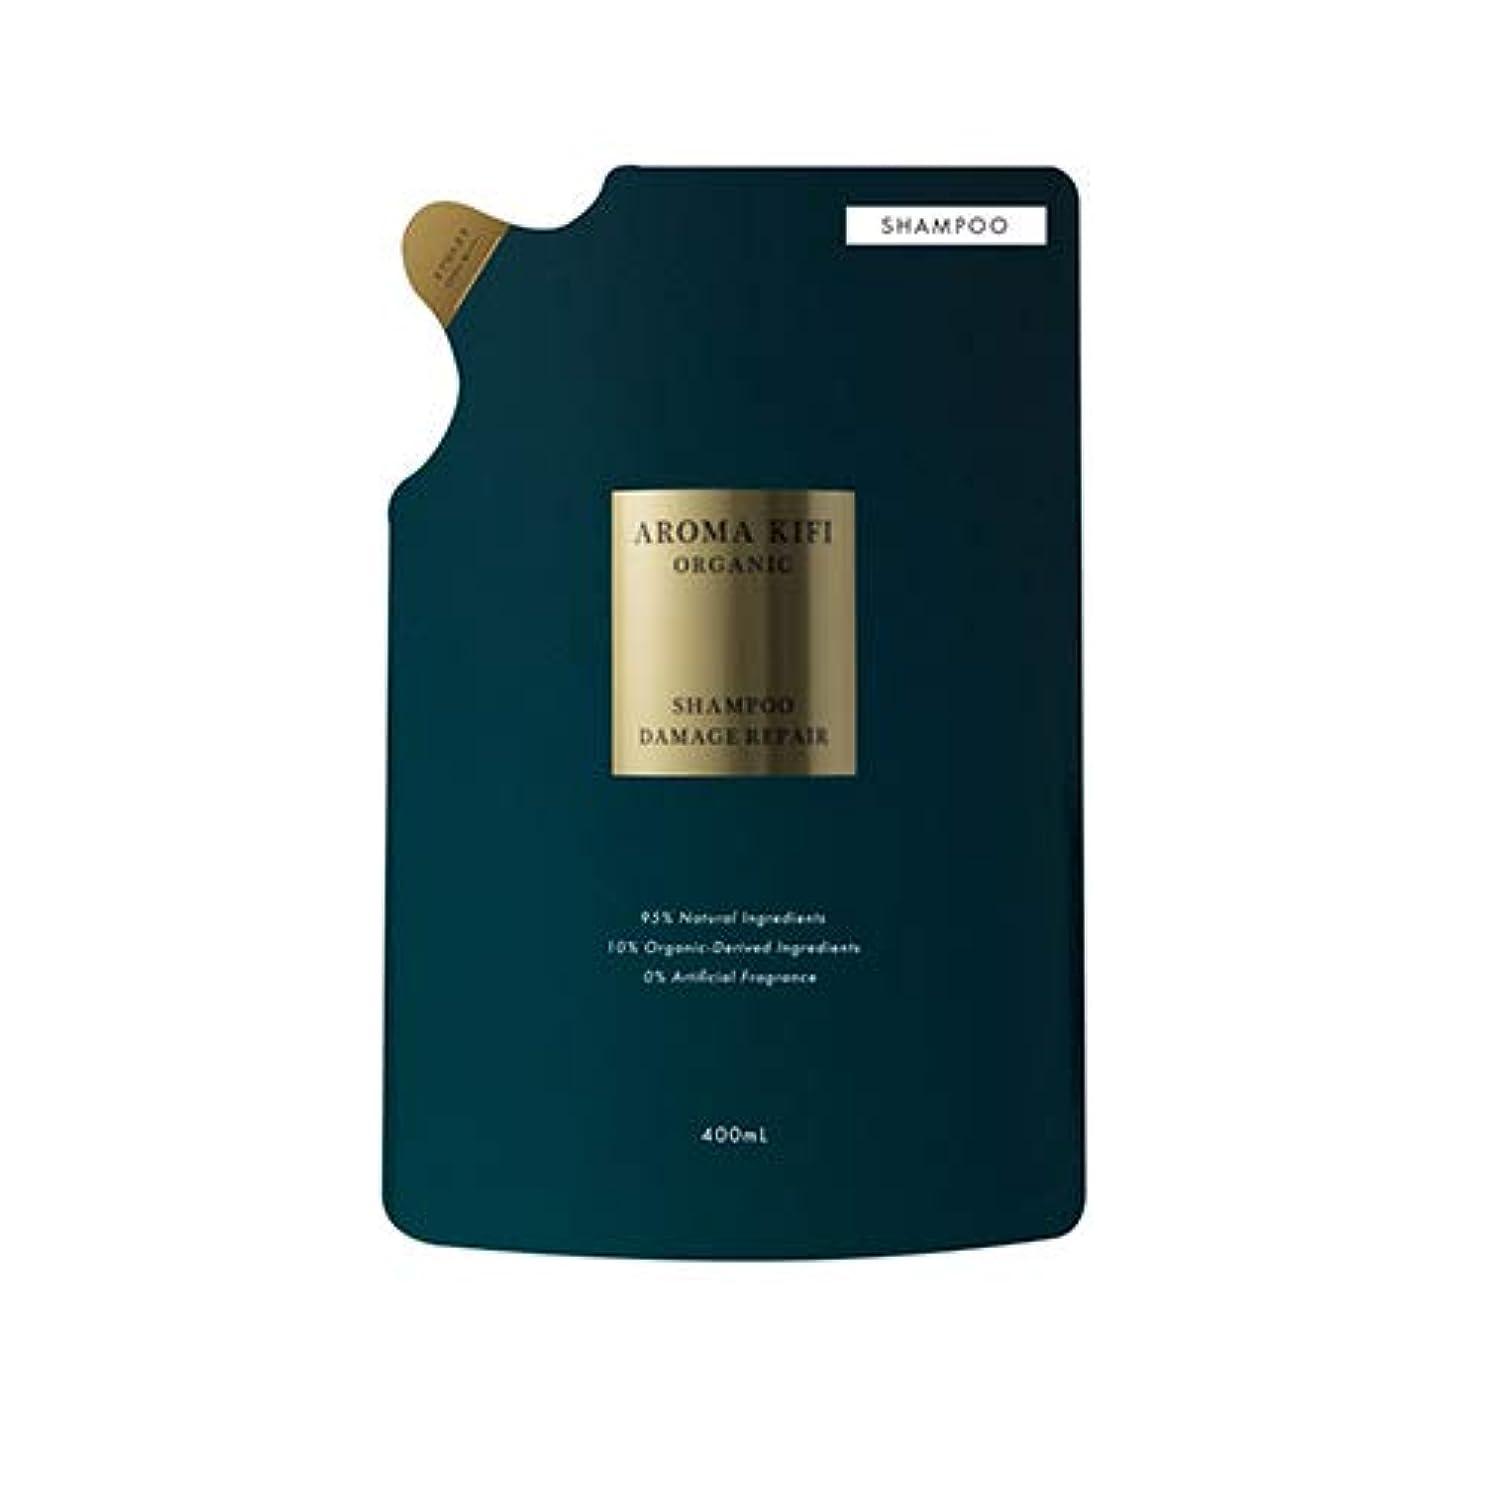 ひそかに満足させる七面鳥アロマキフィ オーガニック シャンプー 詰替え 400ml 【ダメージリペア】サロン品質 ノンシリコン 無添加 アロマティックローズの香り